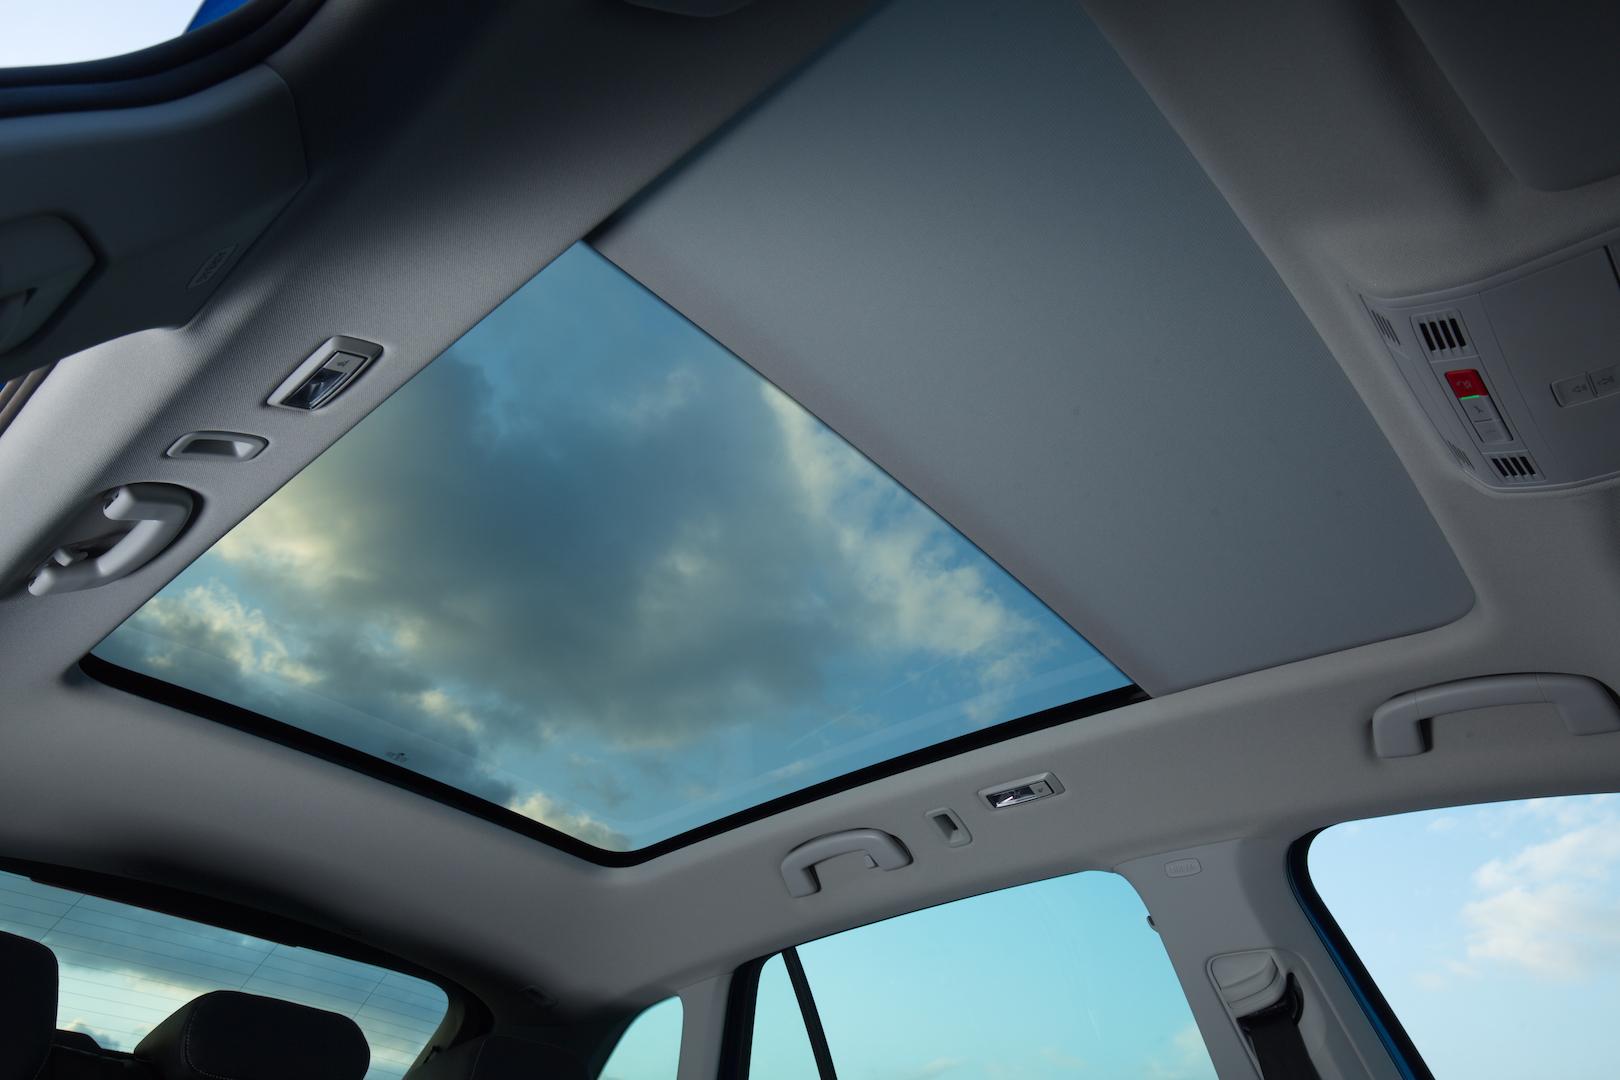 Glasdach verstärkt optisch das sehr gute Raumangebot im Škoda Scala.